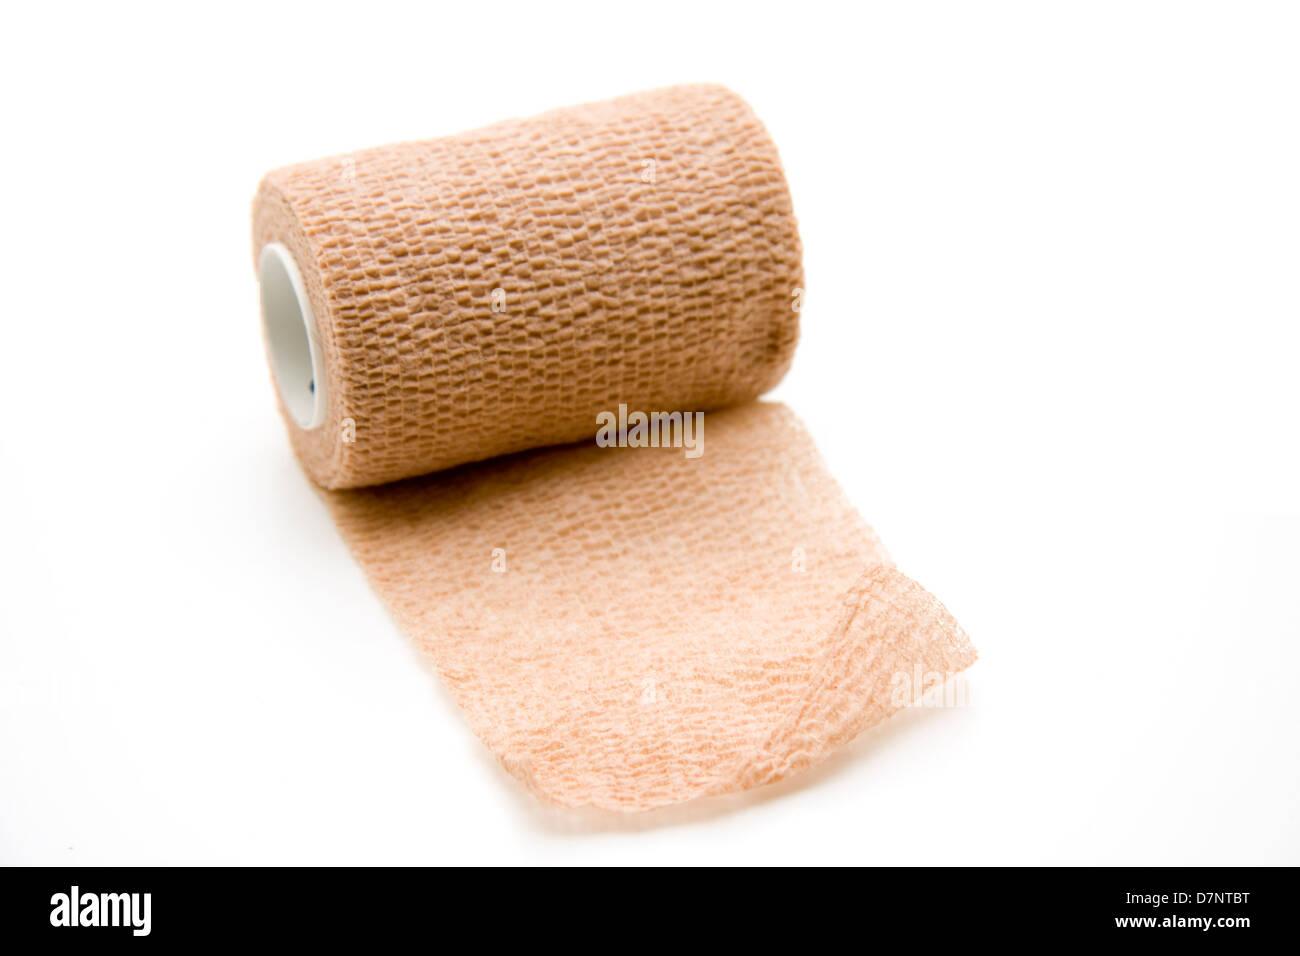 Bandage - Stock Image